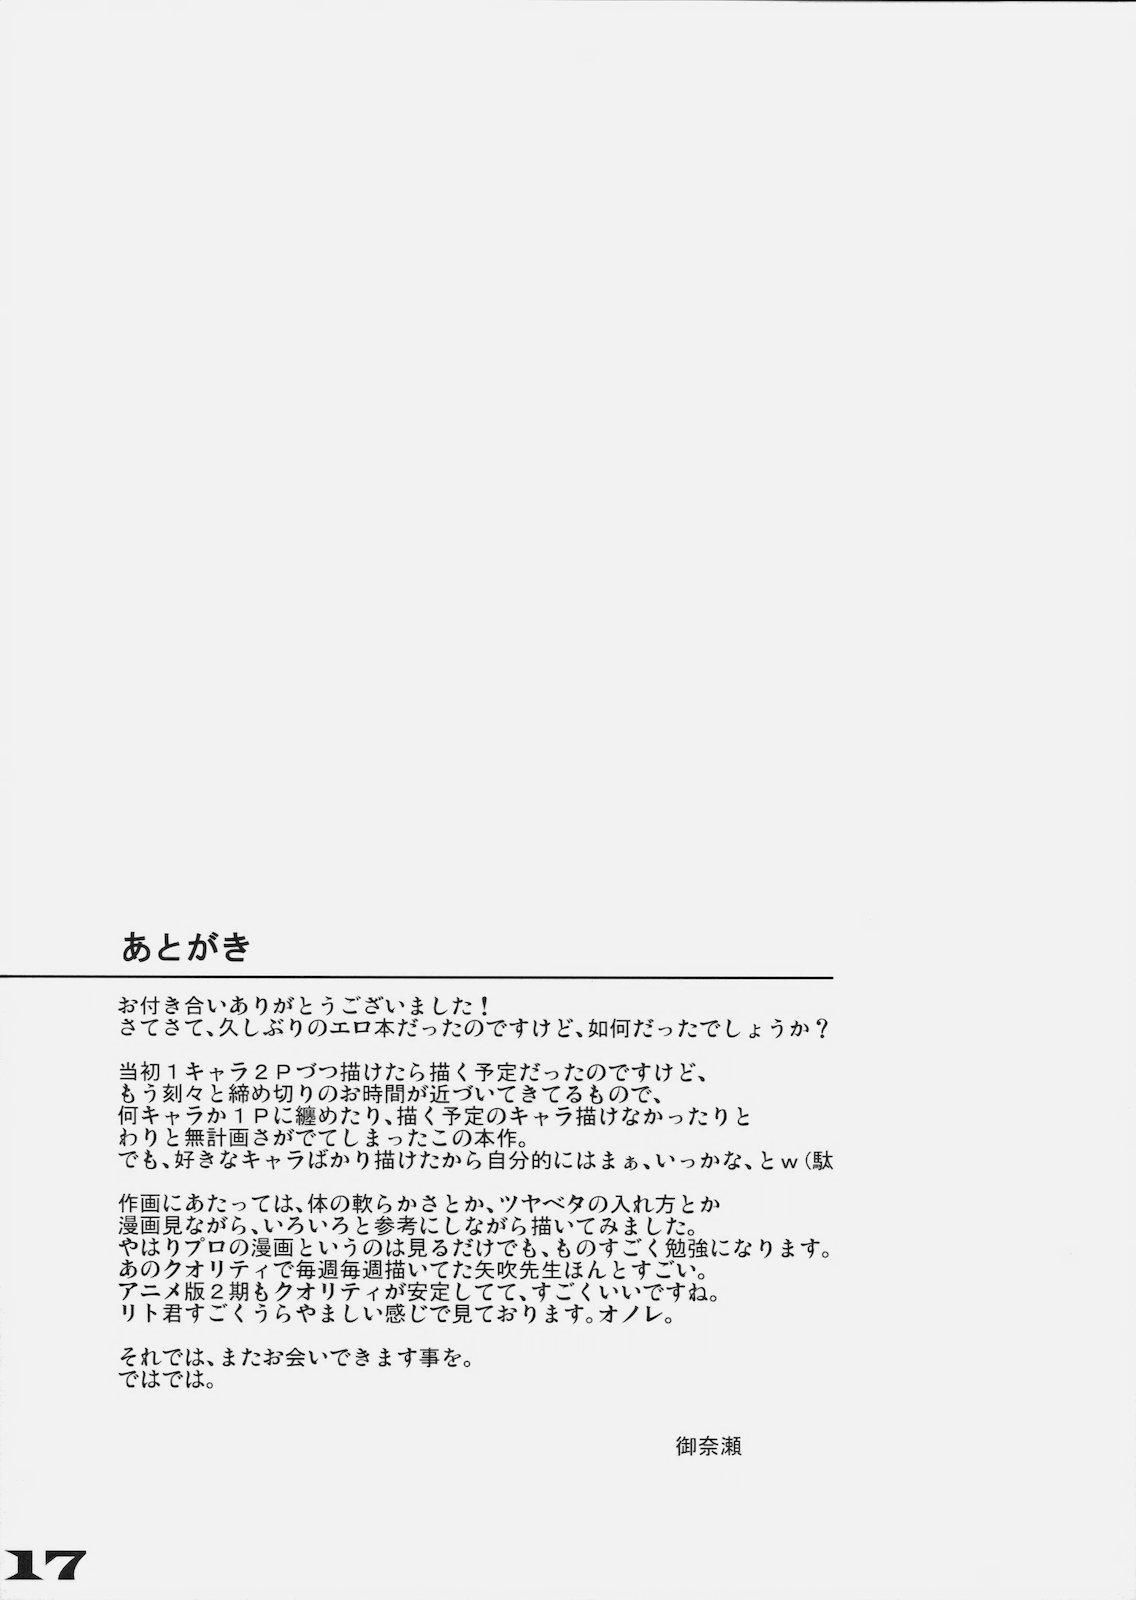 Ecchii no wa ○○ desu! 15